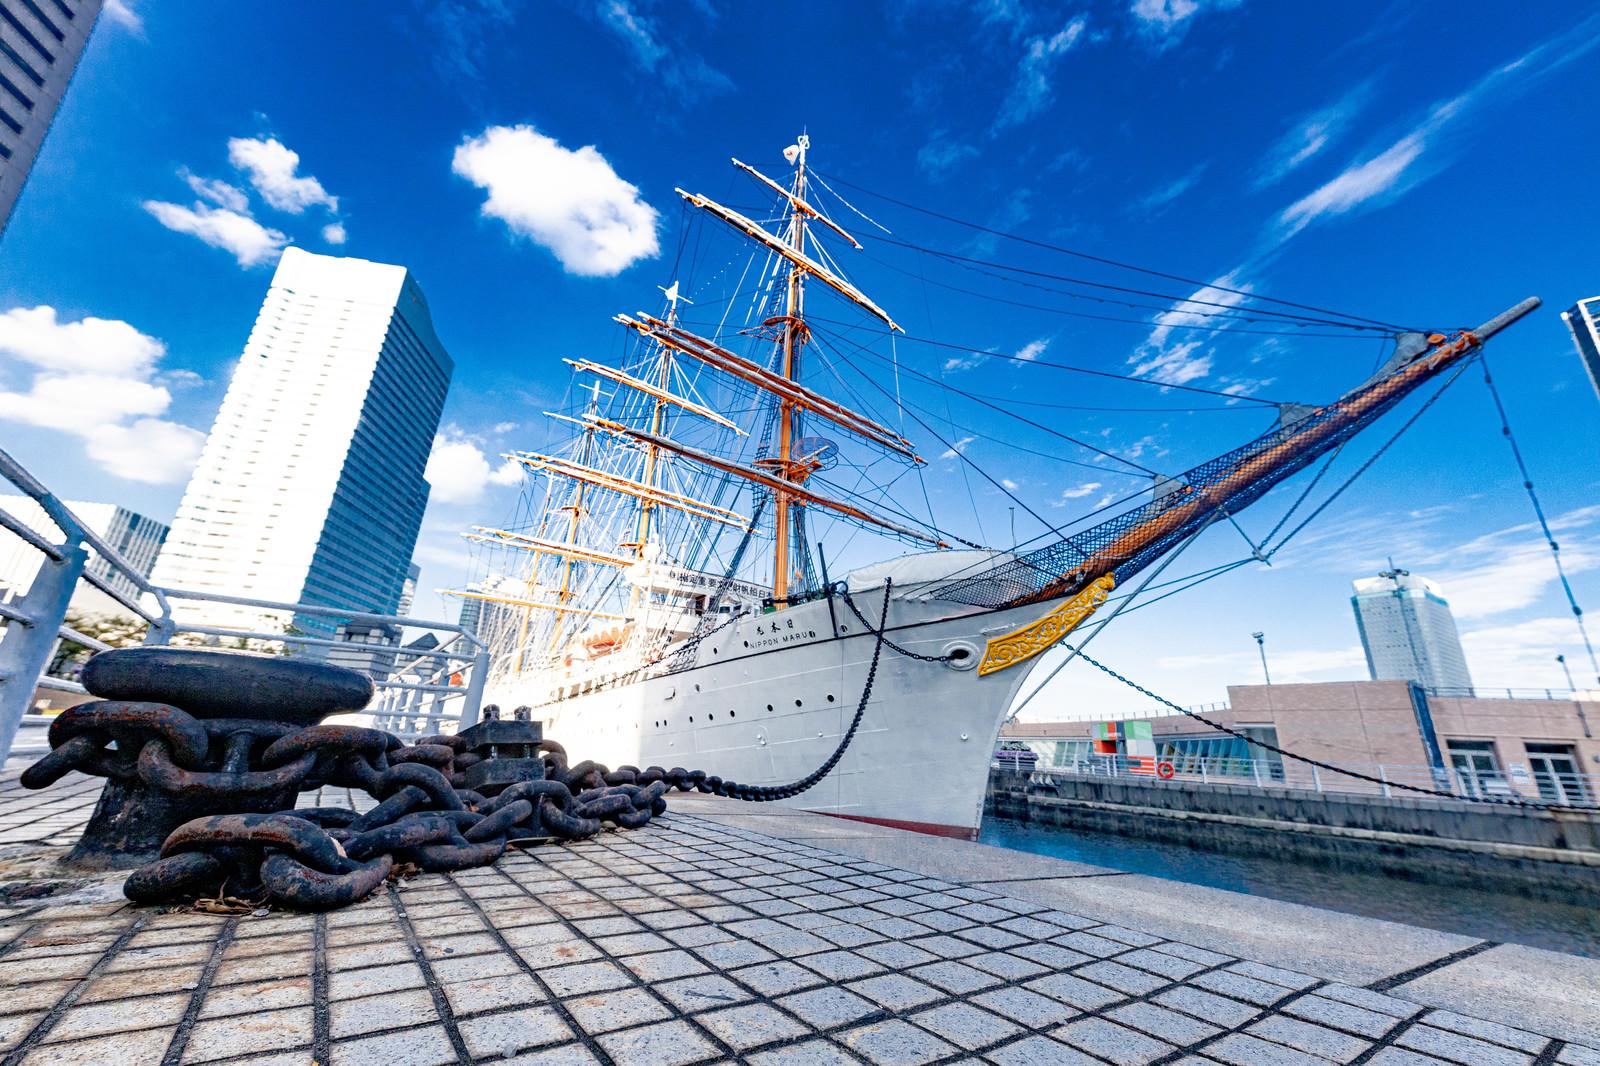 「帆船日本丸(日本丸メモリアルパーク)」の写真